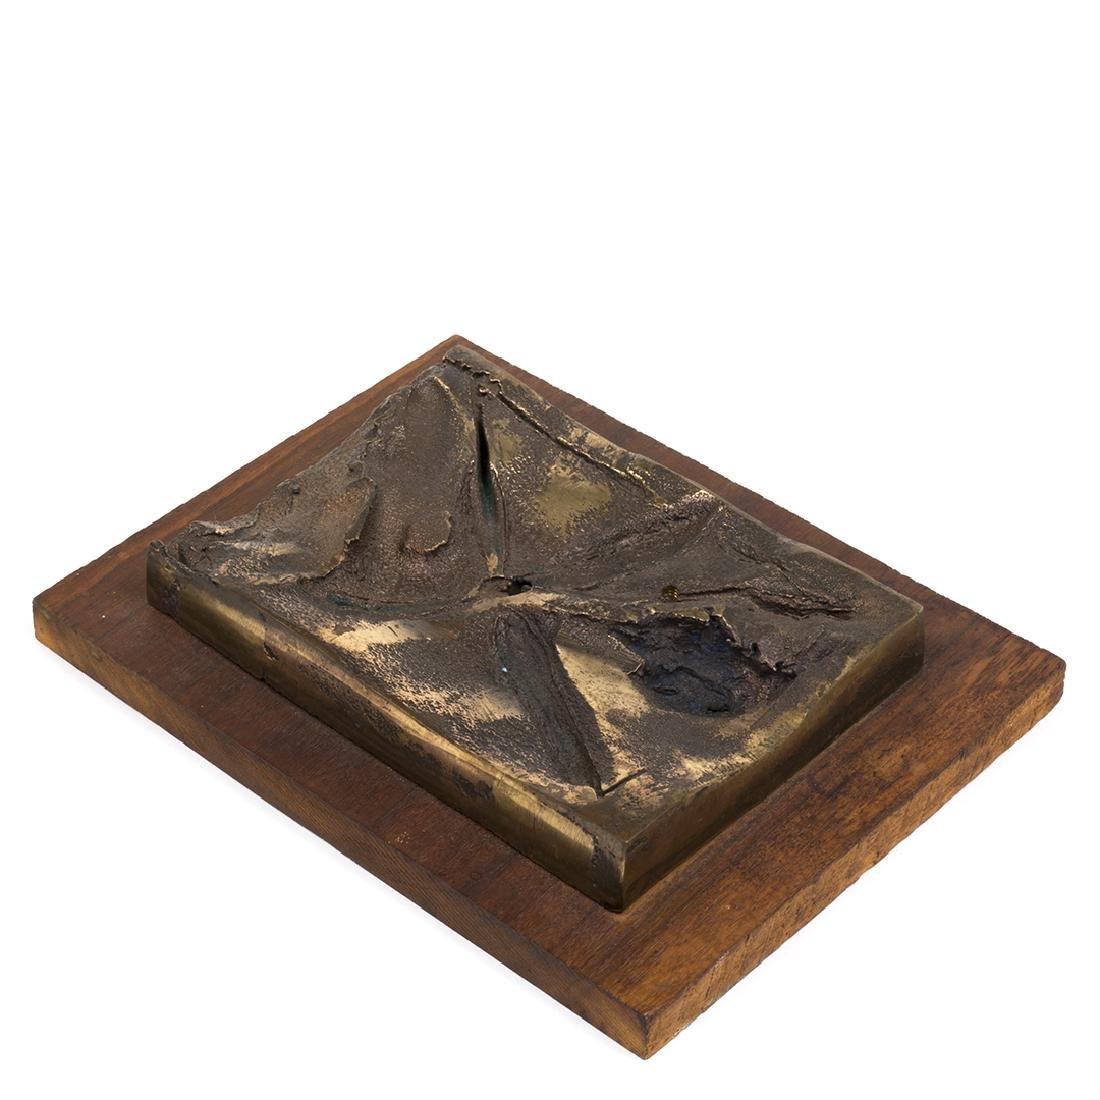 Kenneth Fisher bronze sculpture